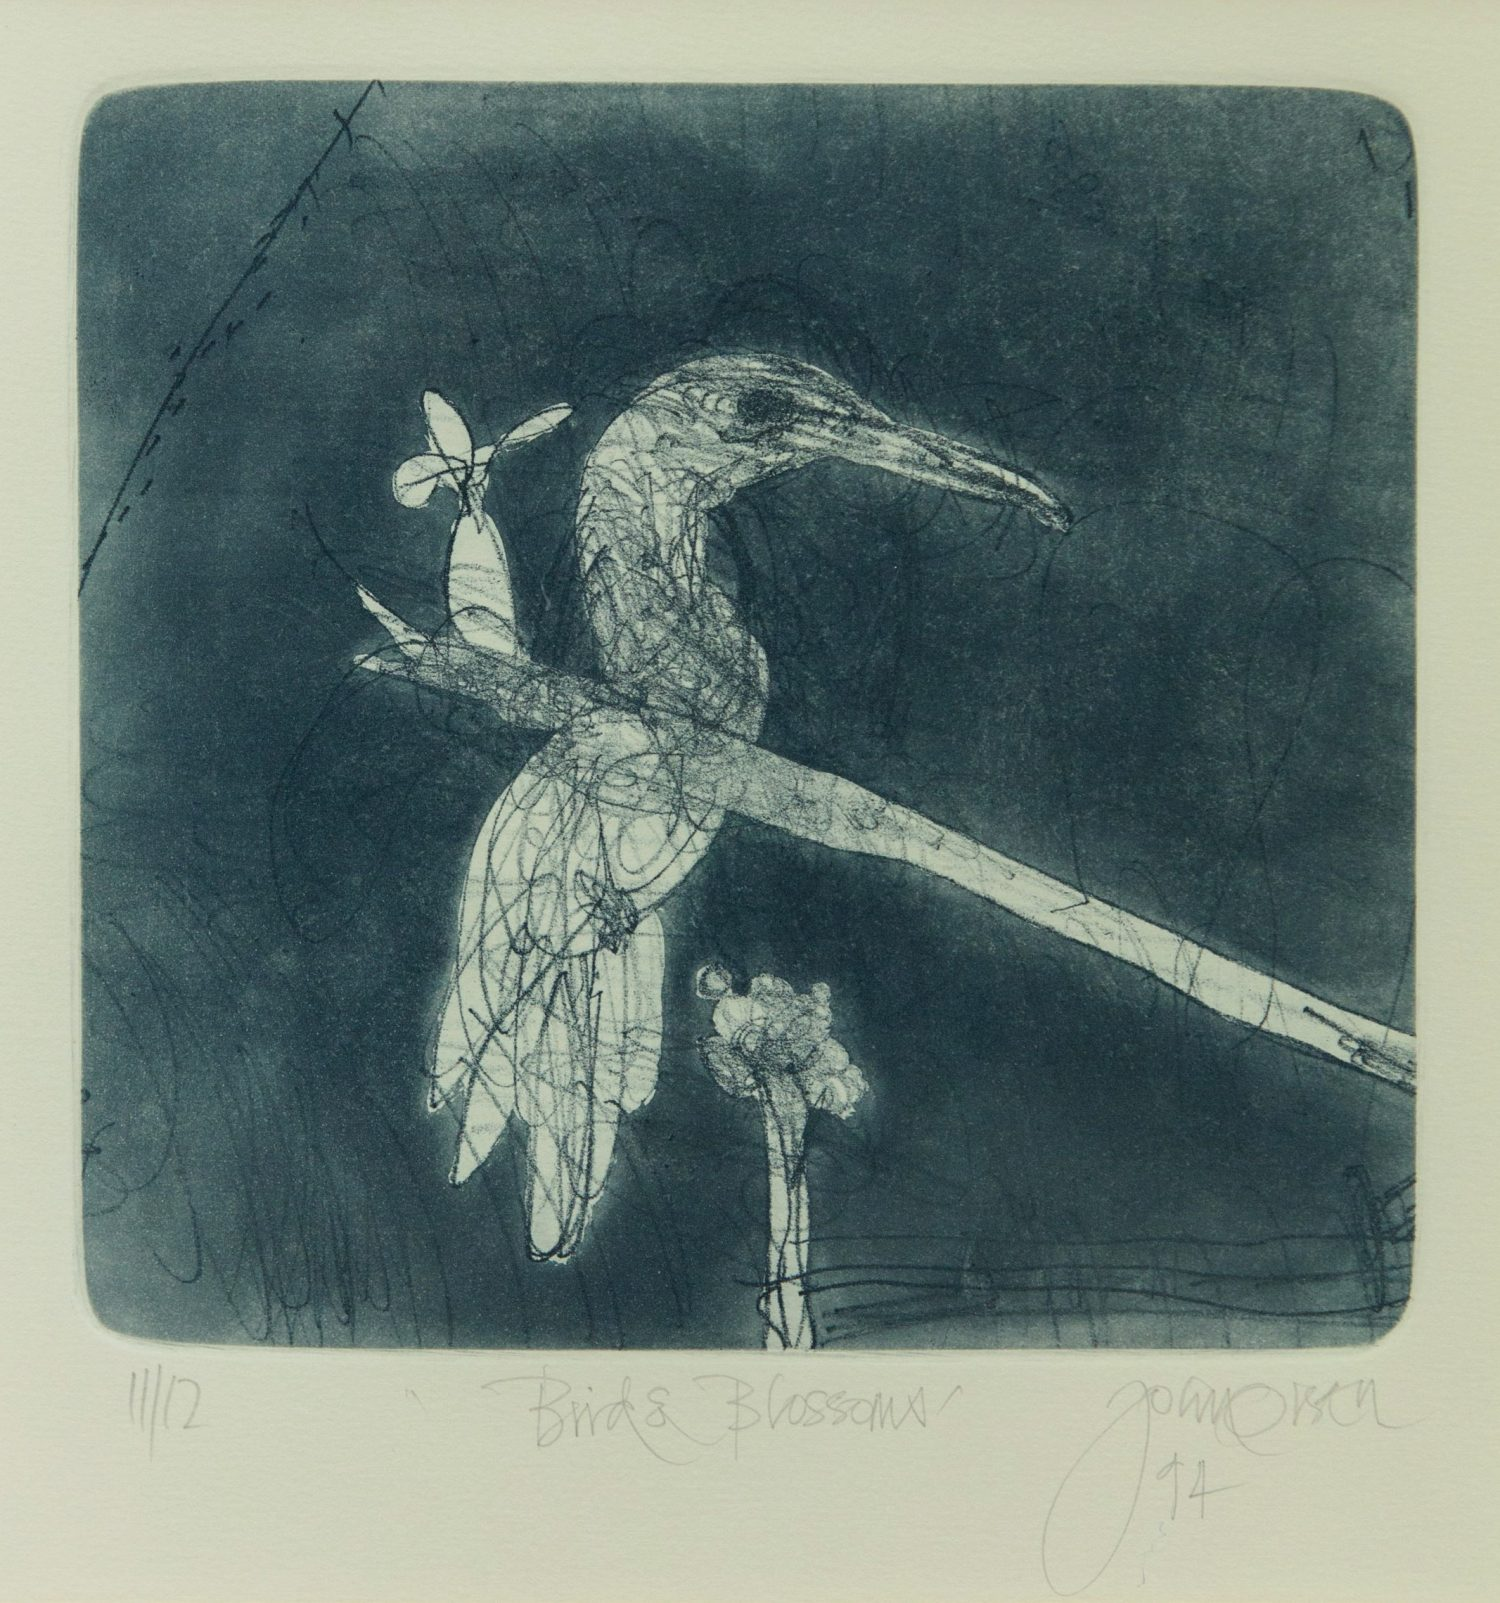 John Olsen, Birds & Blossoms (1994)